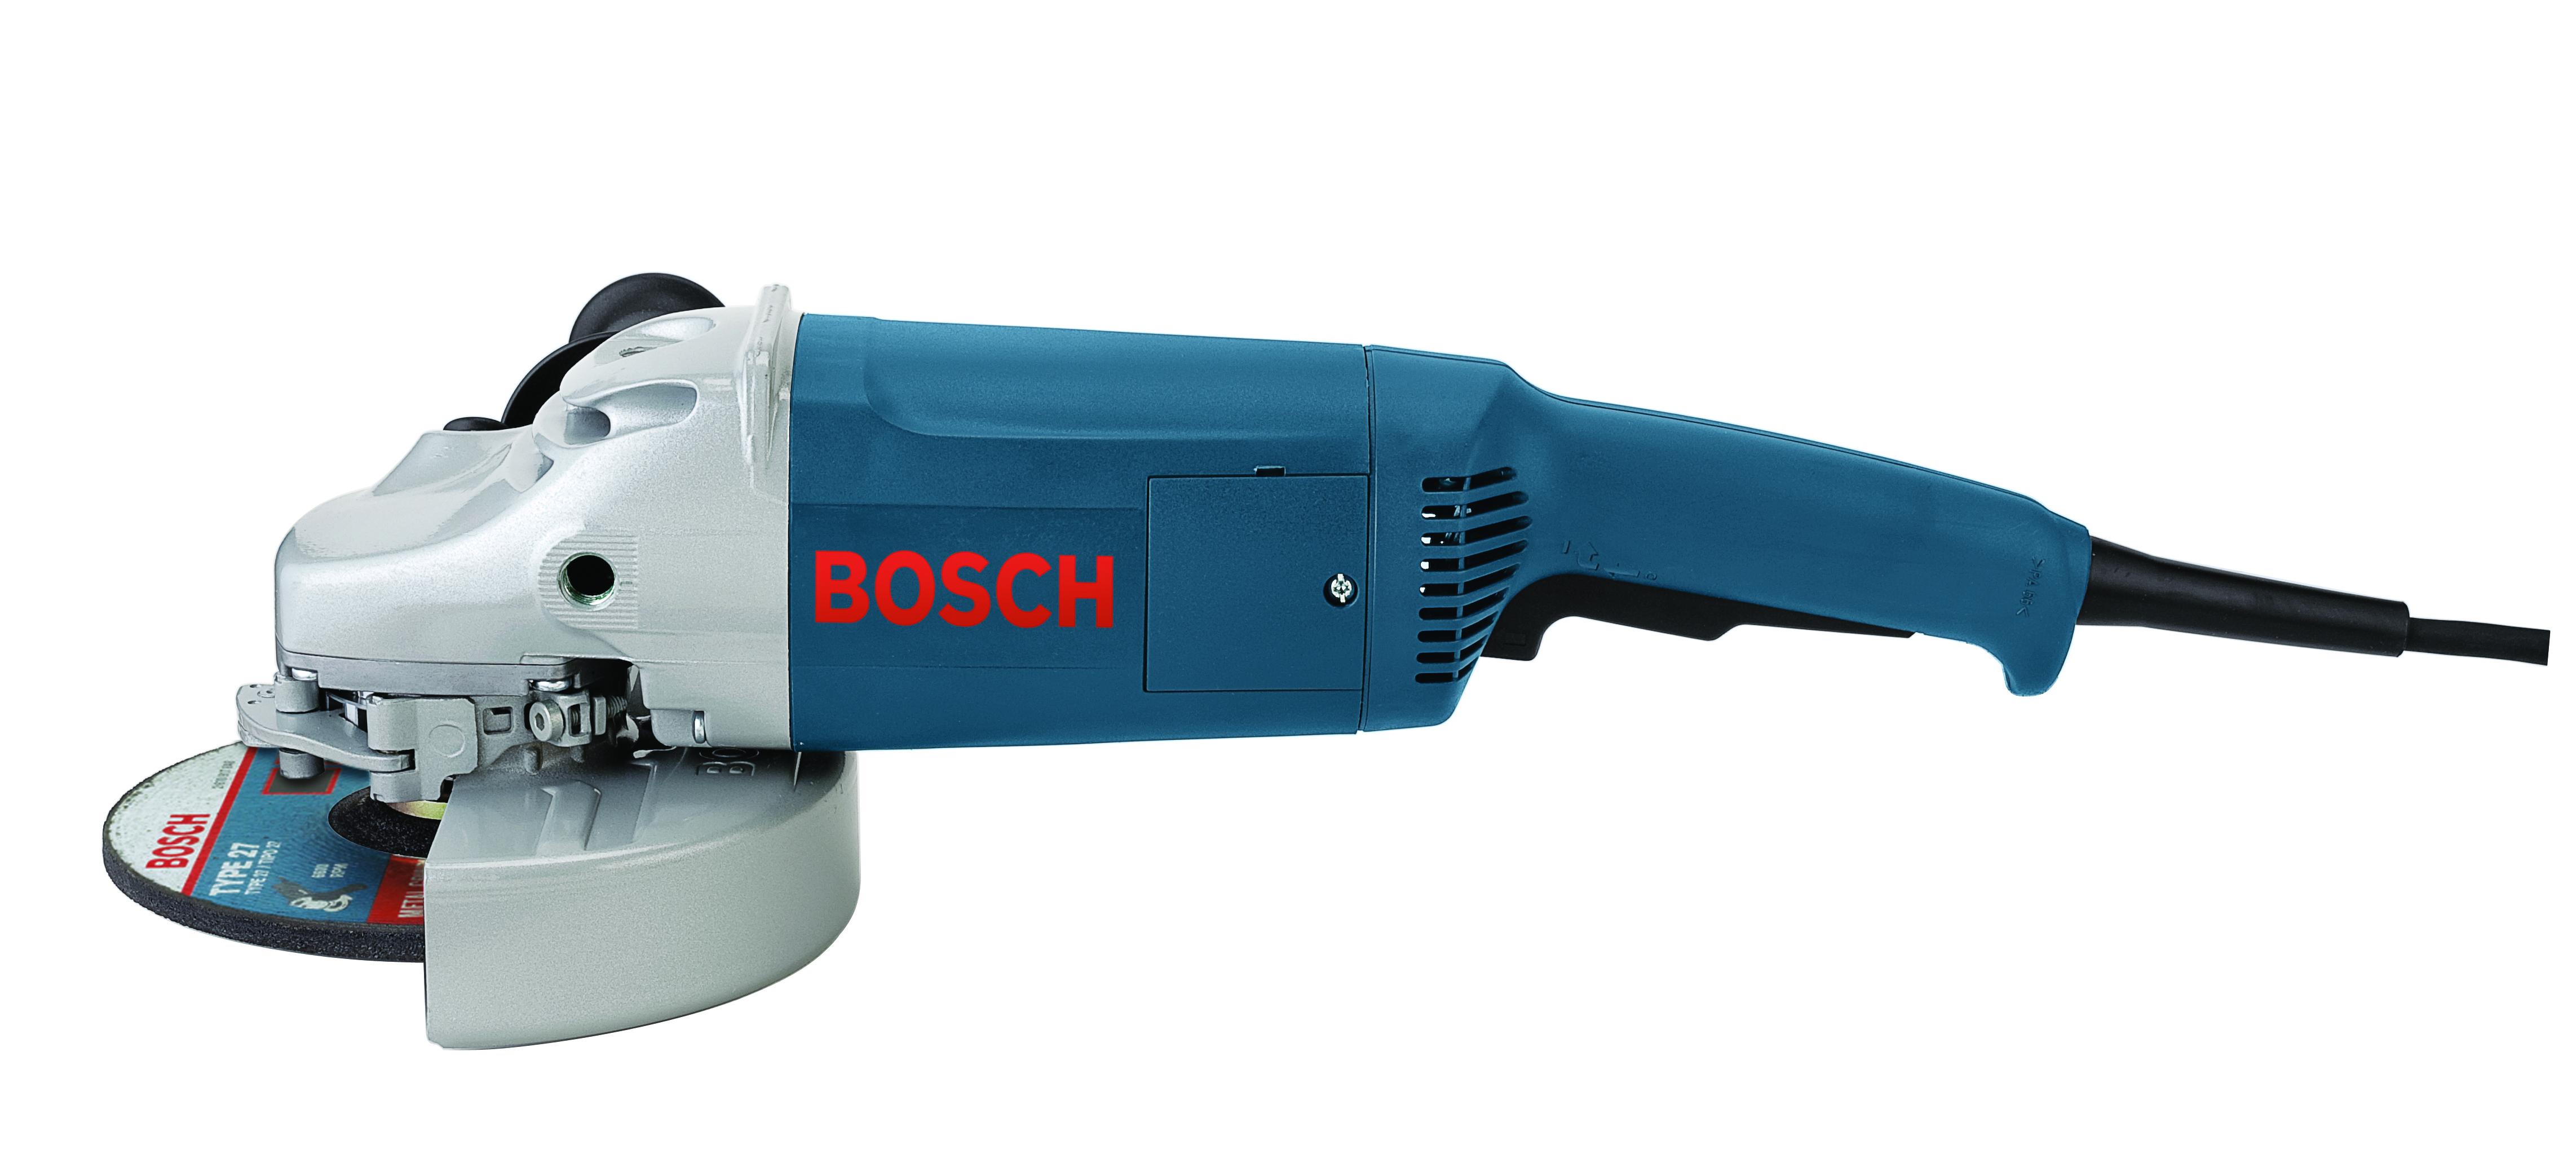 Bosch tools – Komfyr bruksanvisning